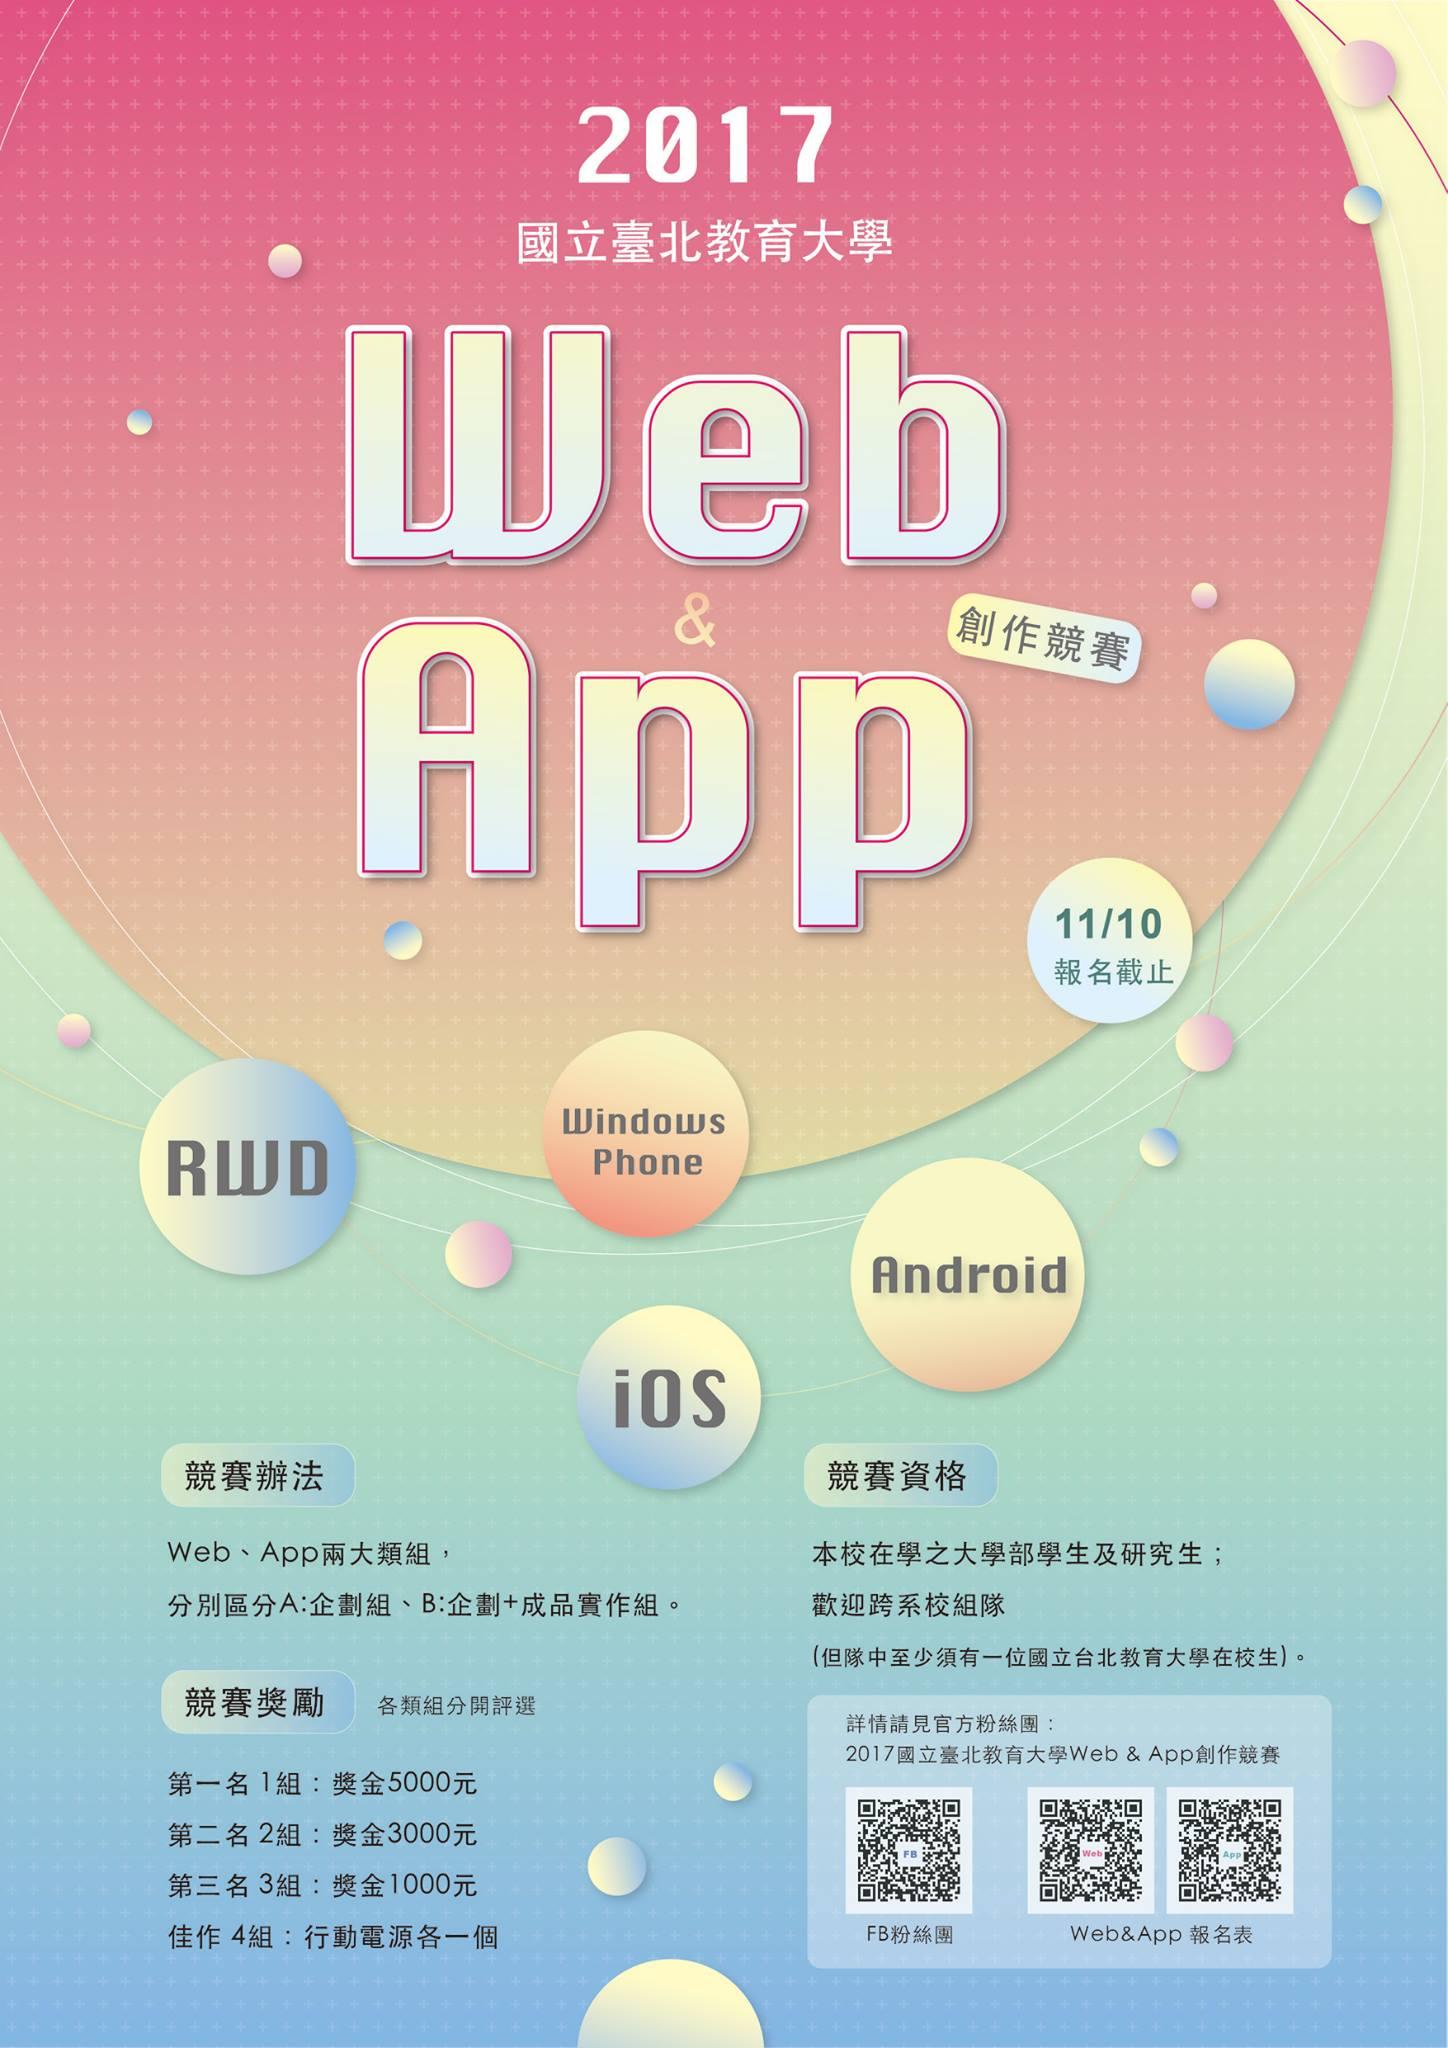 2017 國立臺北教育大學 Web & App 創作競賽